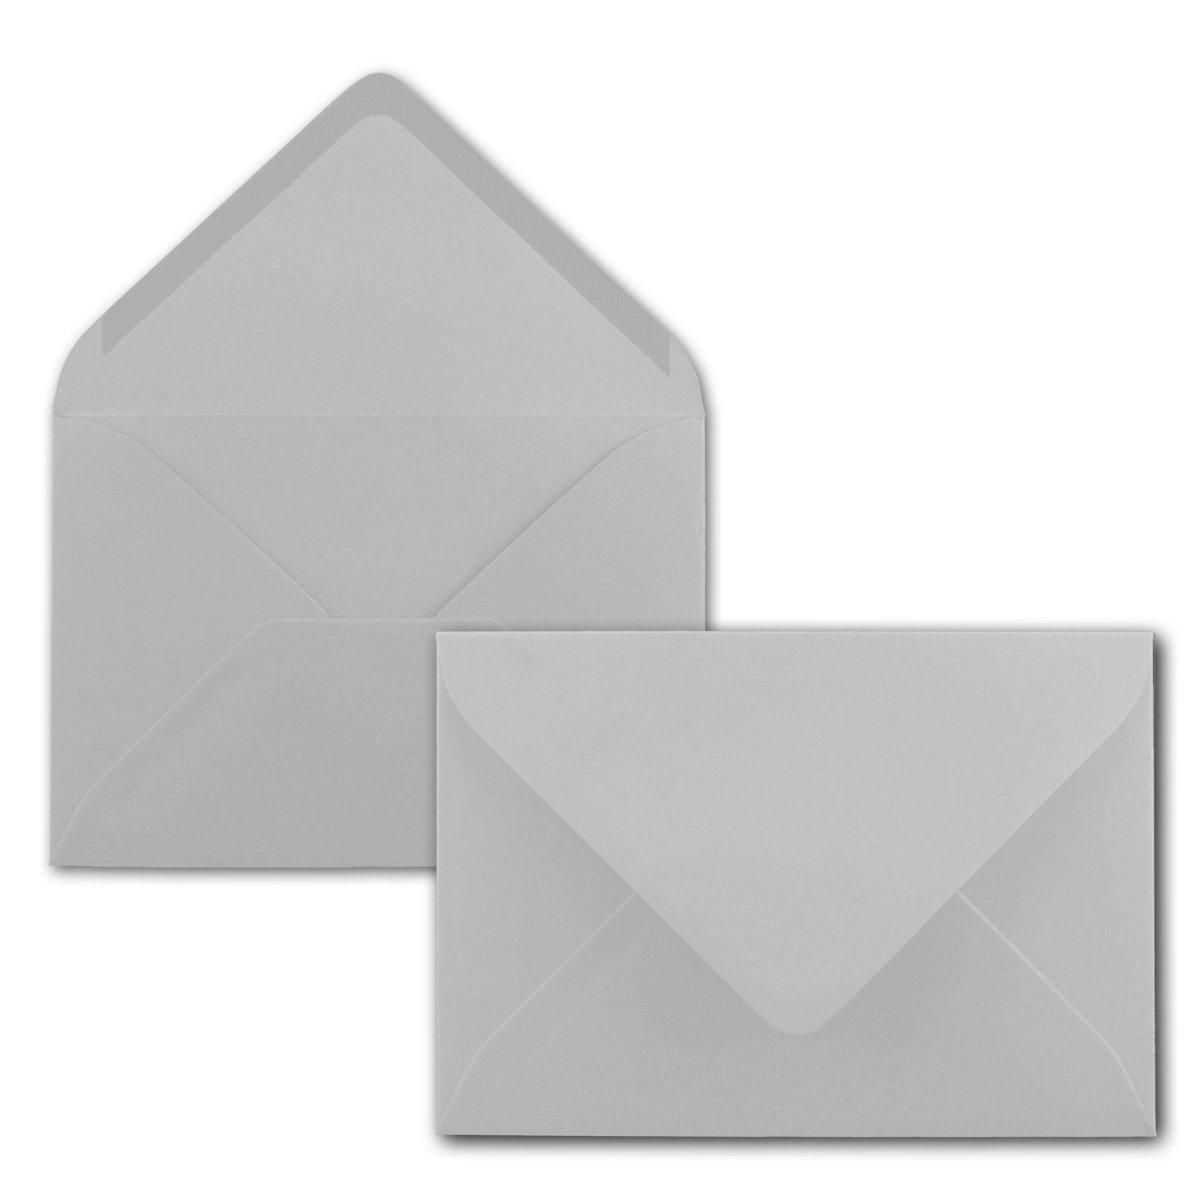 Brief-Umschläge in Nachtblau   150 Stück   DIN C5 KuGrüns 220 x 154 mm - Nassklebung ohne Fenster - Weihnachten, Grußkarten   Serie FarbenFroh® B07BQR68D7 | Öffnen Sie das Interesse und die Innovation Ihres Kindes, aber auch die Unschu